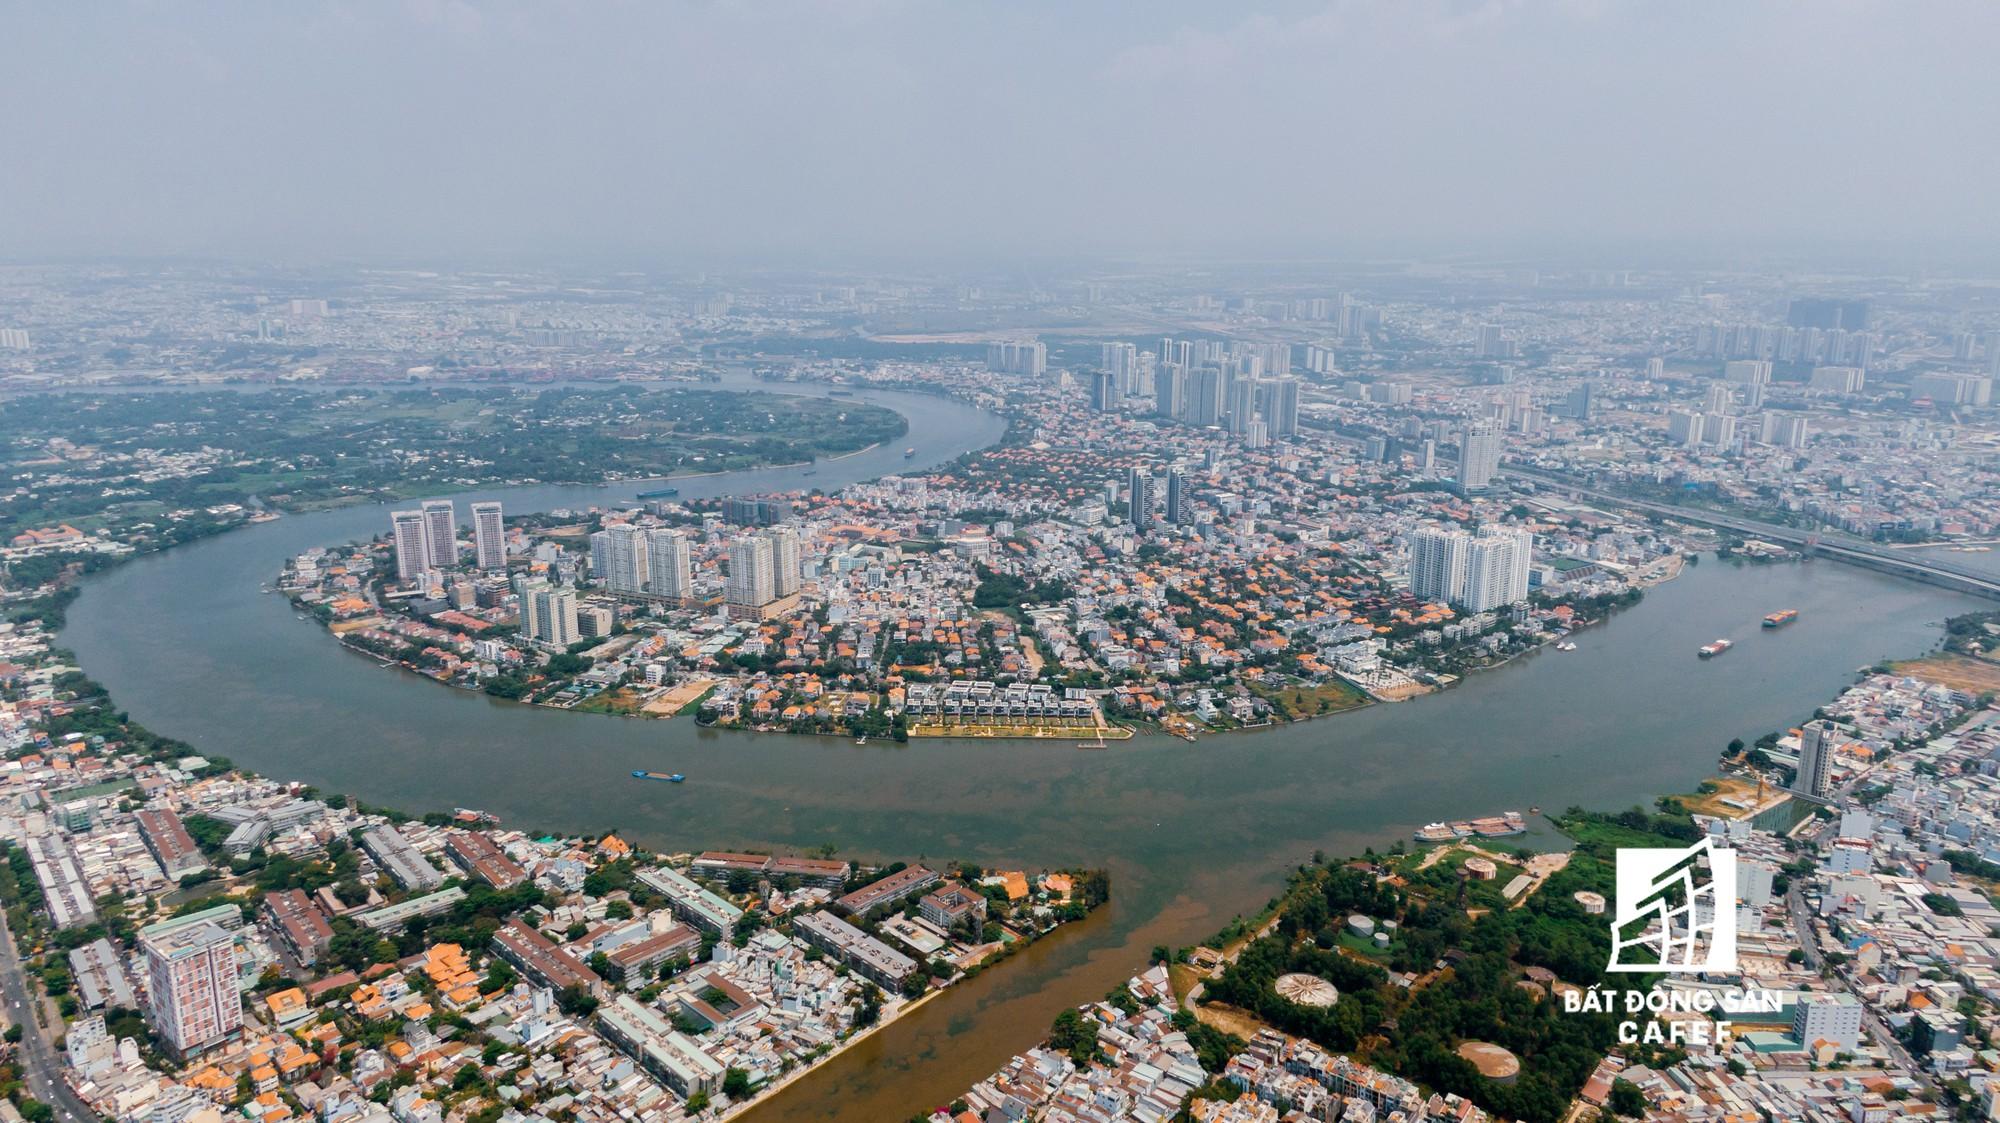 Nhà giàu cũng khóc trong những khu biệt thự sang chảnh bậc nhất Sài Gòn-1